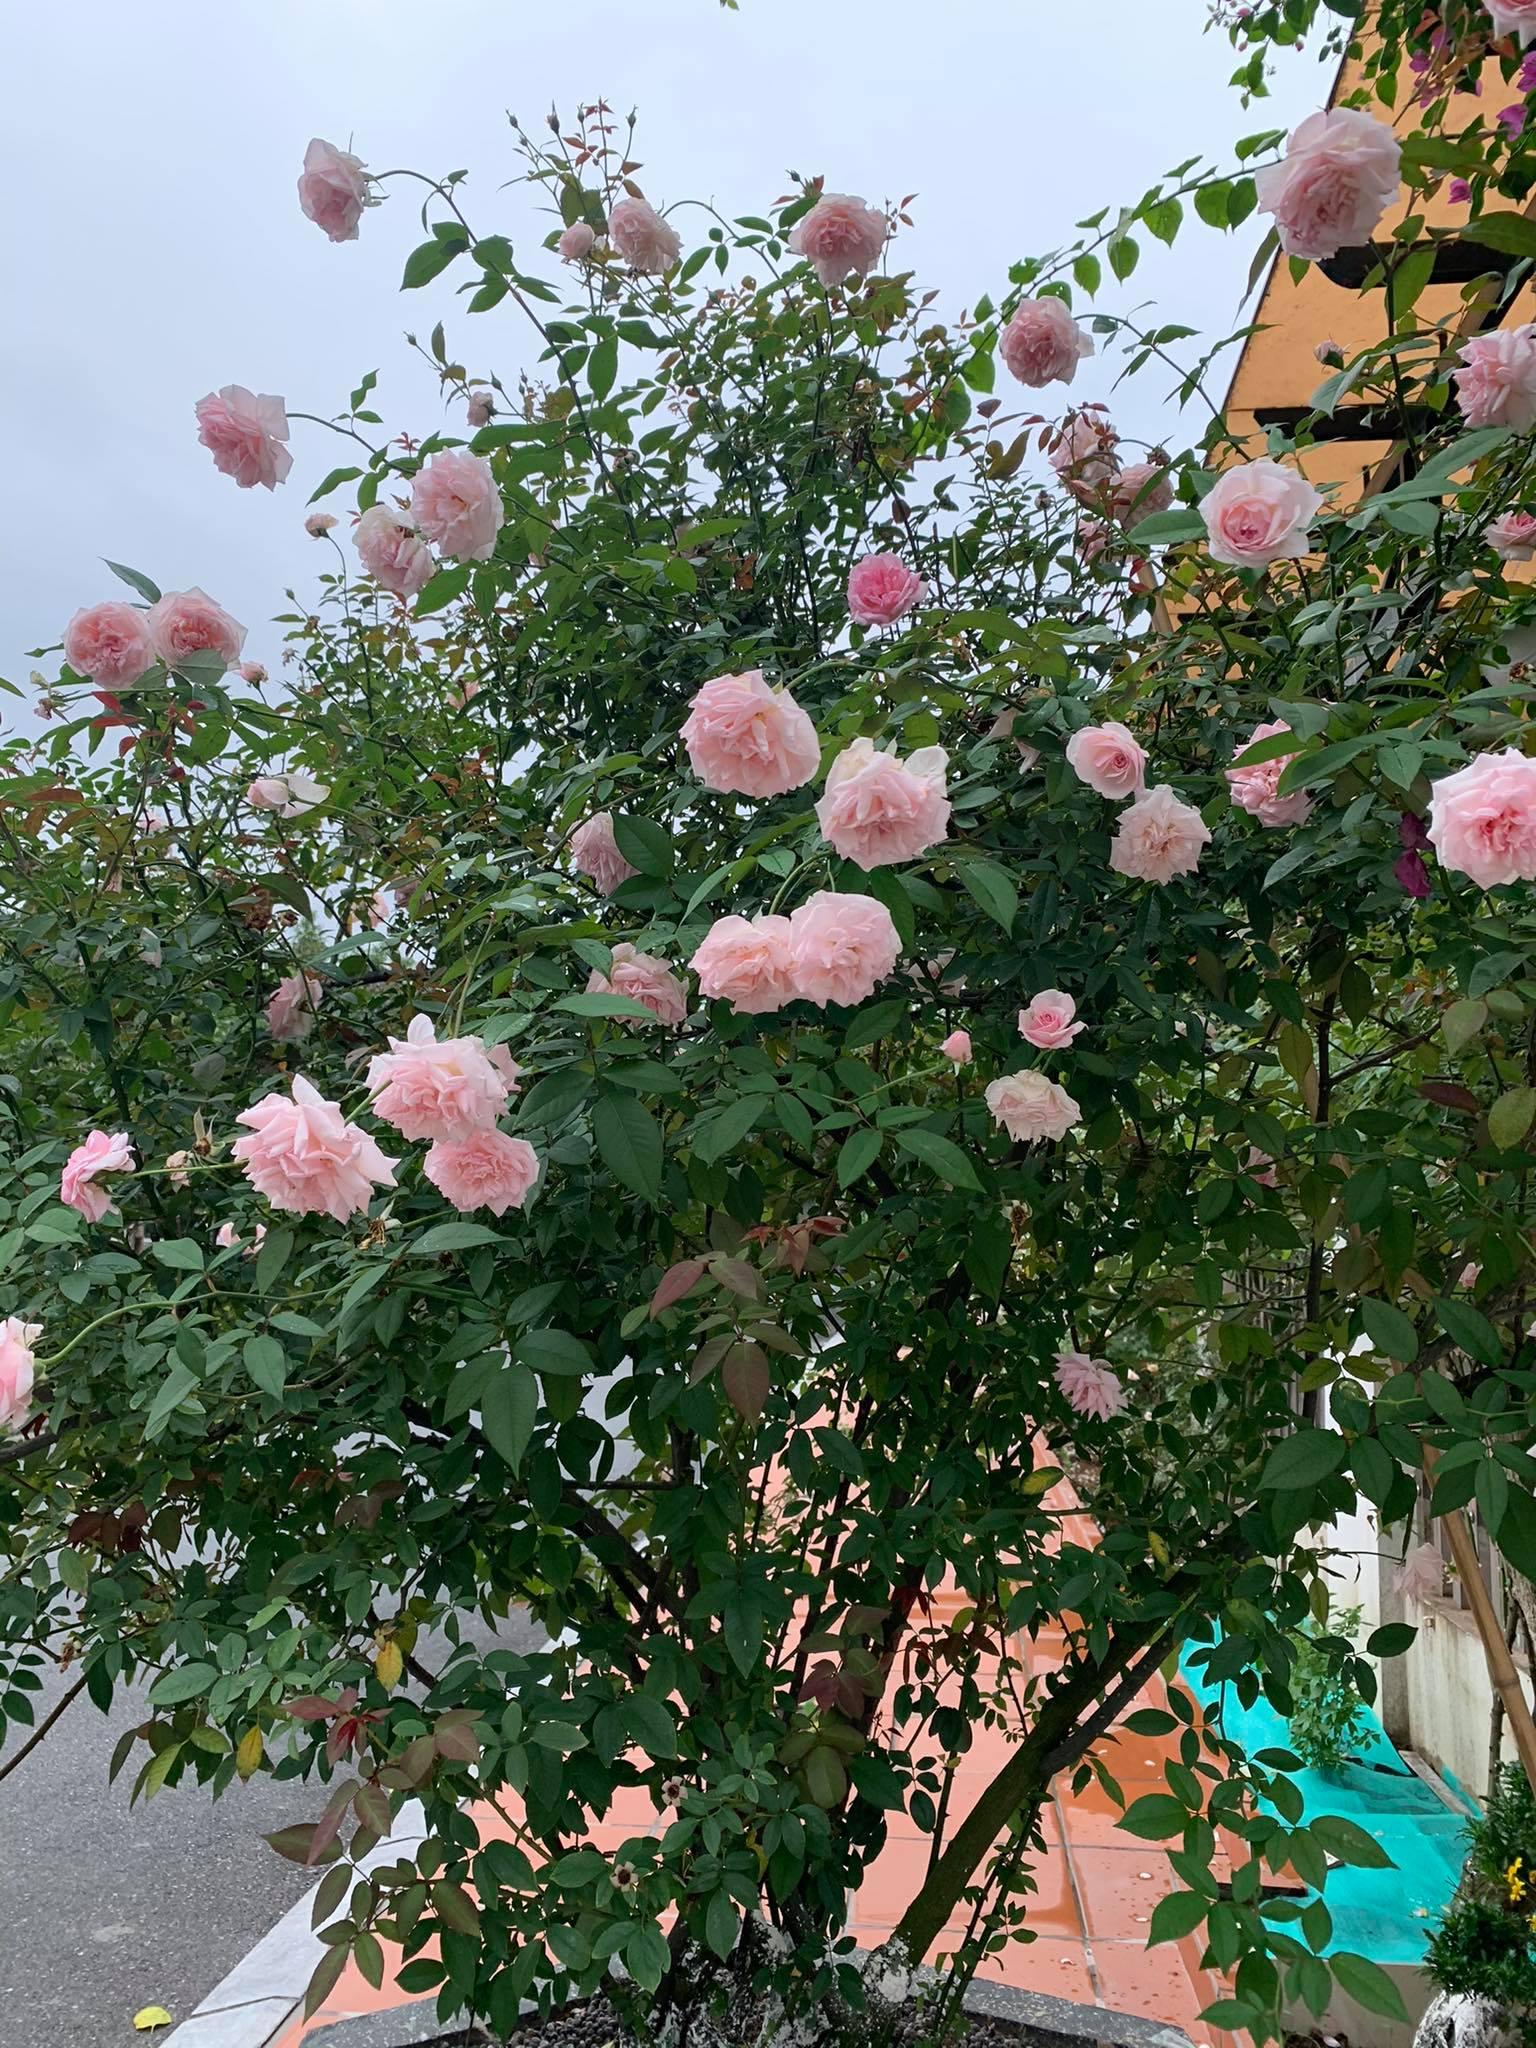 Ngôi nhà quanh năm rực rỡ sắc hương hoa hồng và đủ loại cây ăn quả ở Hà Nội - Ảnh 14.